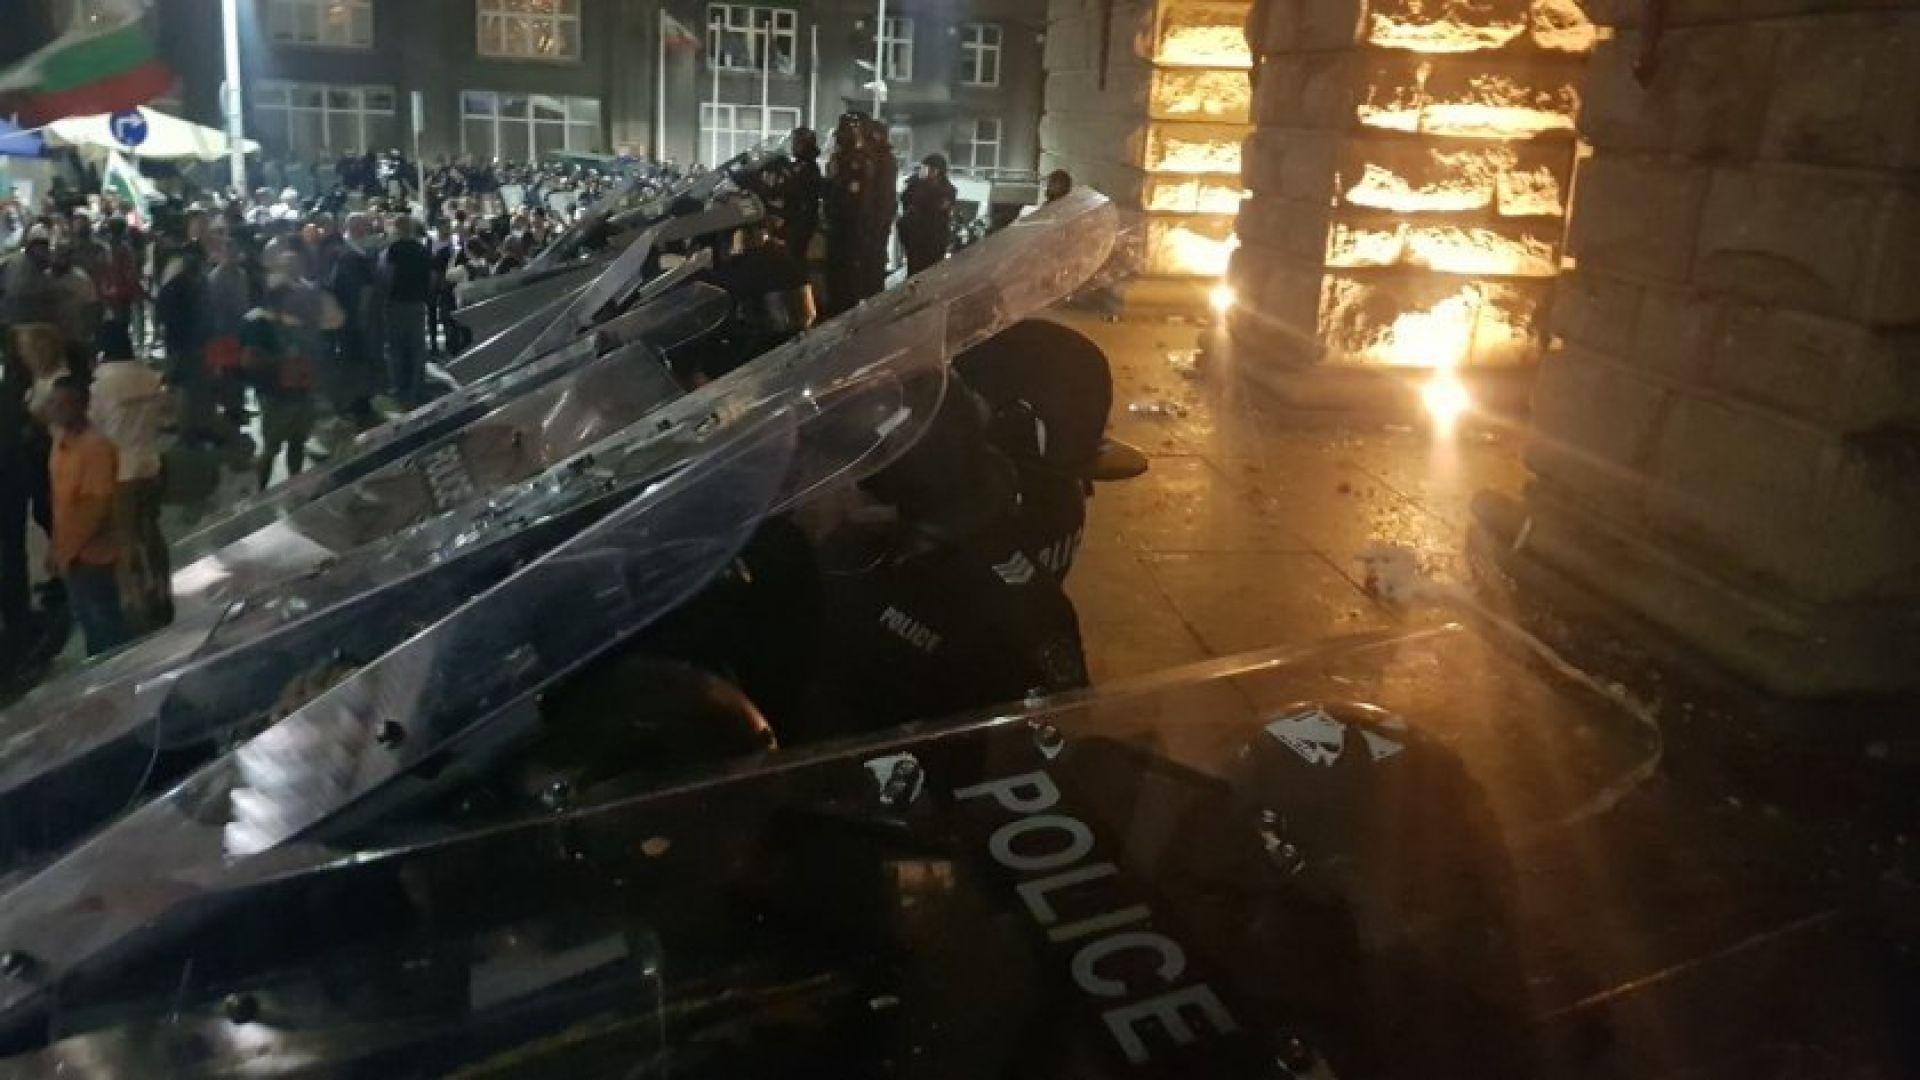 56-и ден протест: Десетки бомбички срещу полицаите, стигна се до сблъсъци, има ранени (снимки)